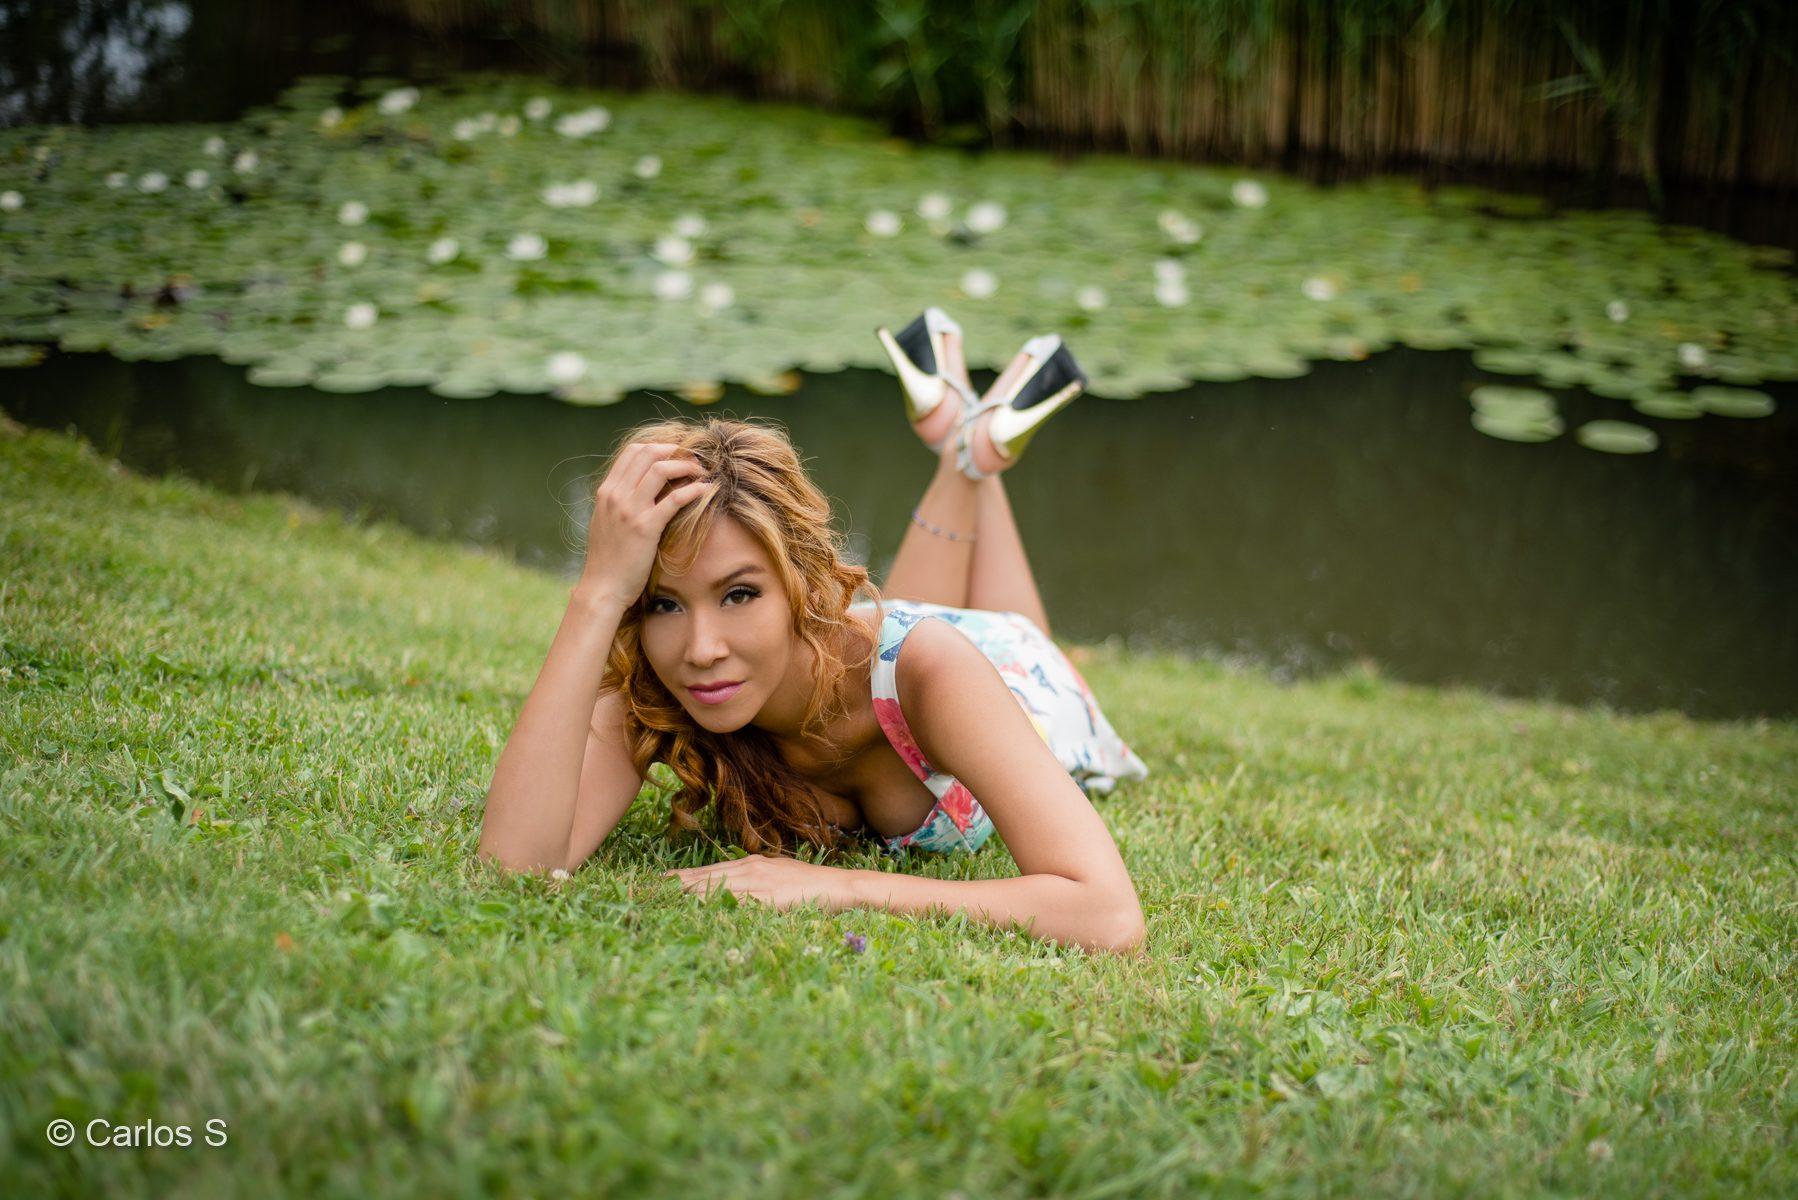 jenny suv femme genève modèle mannequin suisse maquilleuse danseuse mode fashion